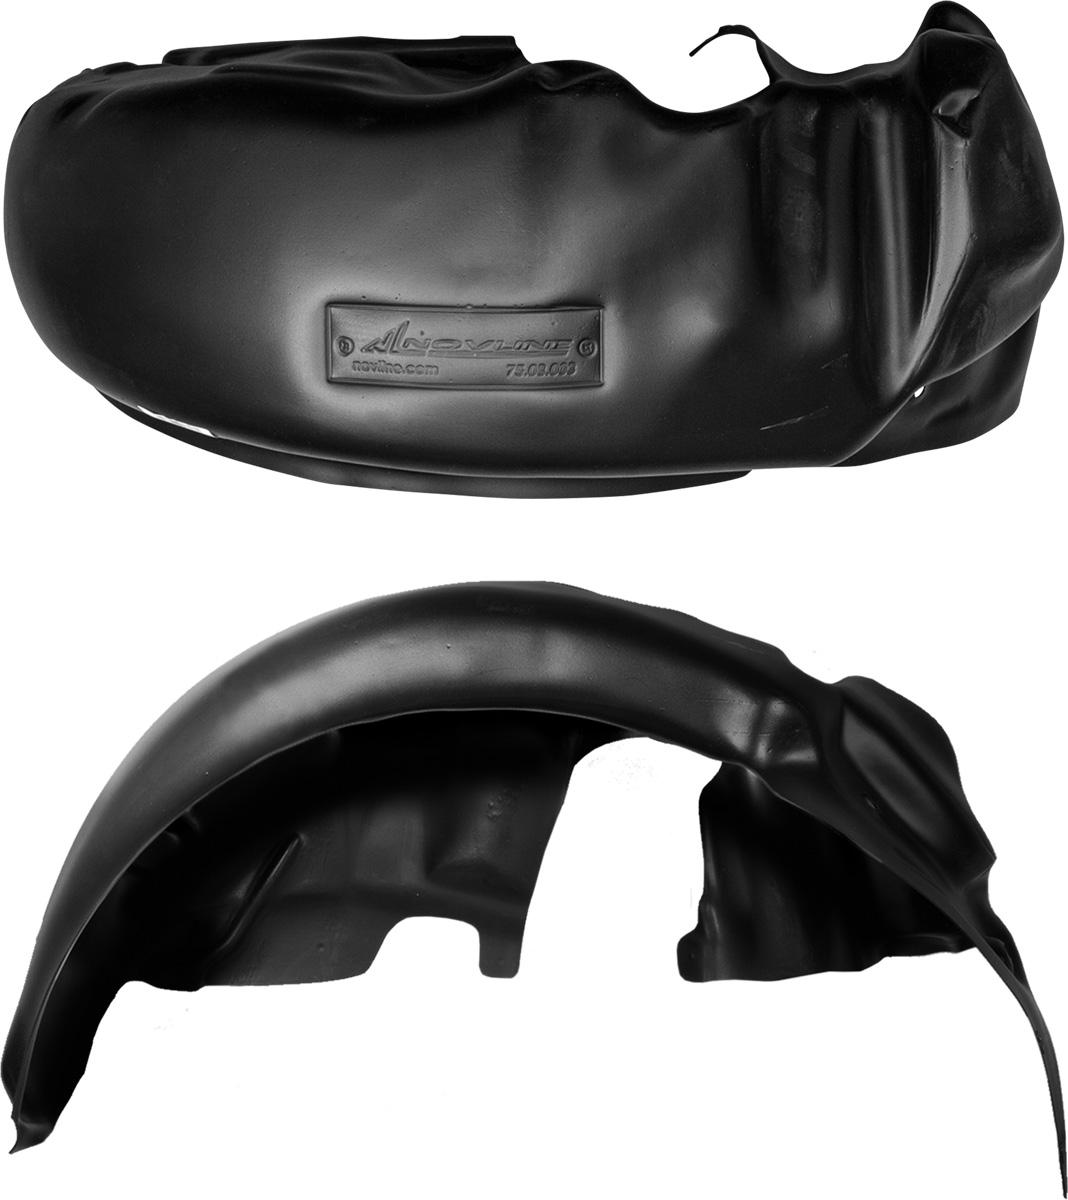 Подкрылок Novline-Autofamily, для Renault Sandero Stepway, 11/2014->, хэтчбек, задний левый фаркоп westfalia renault sandero хетчбэк 2008 … вкл stepway кроме gpl г в нагр 1355 75кг f20 316286600001